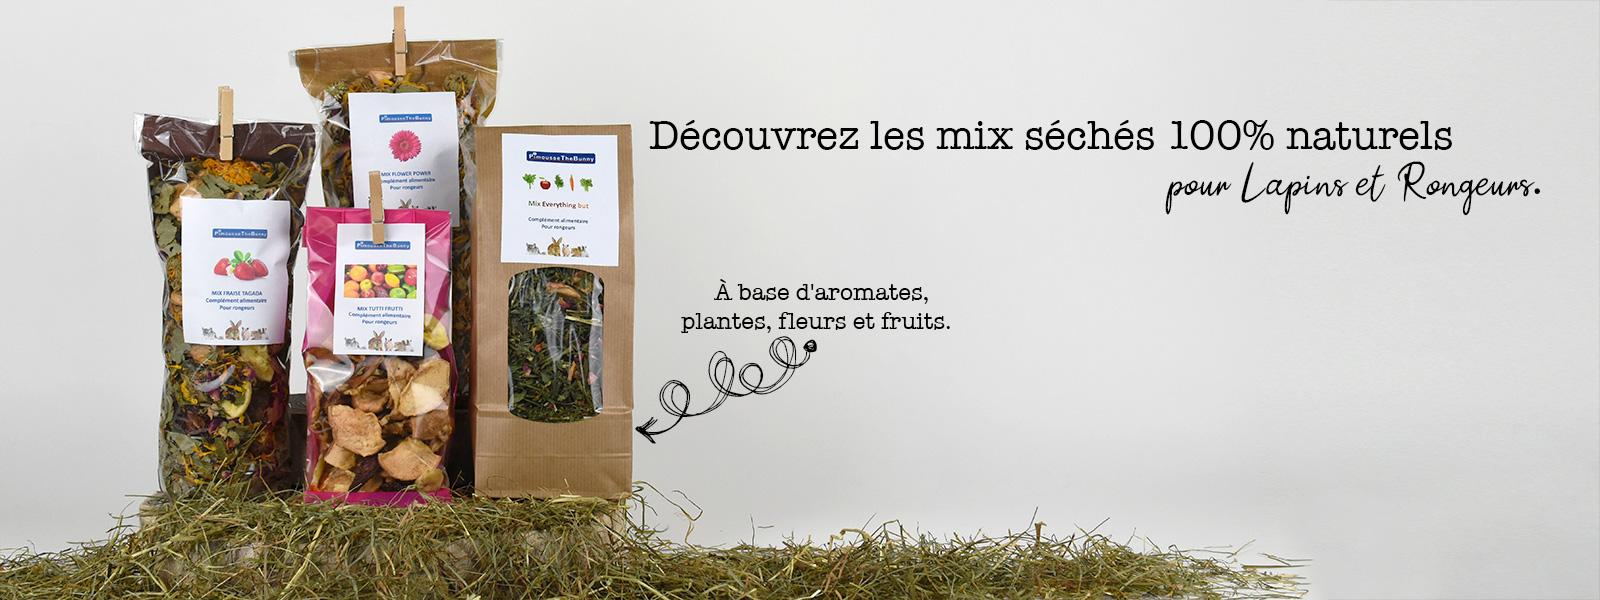 Mix de fleurs, fruits, plantes pour lapin et rongeur